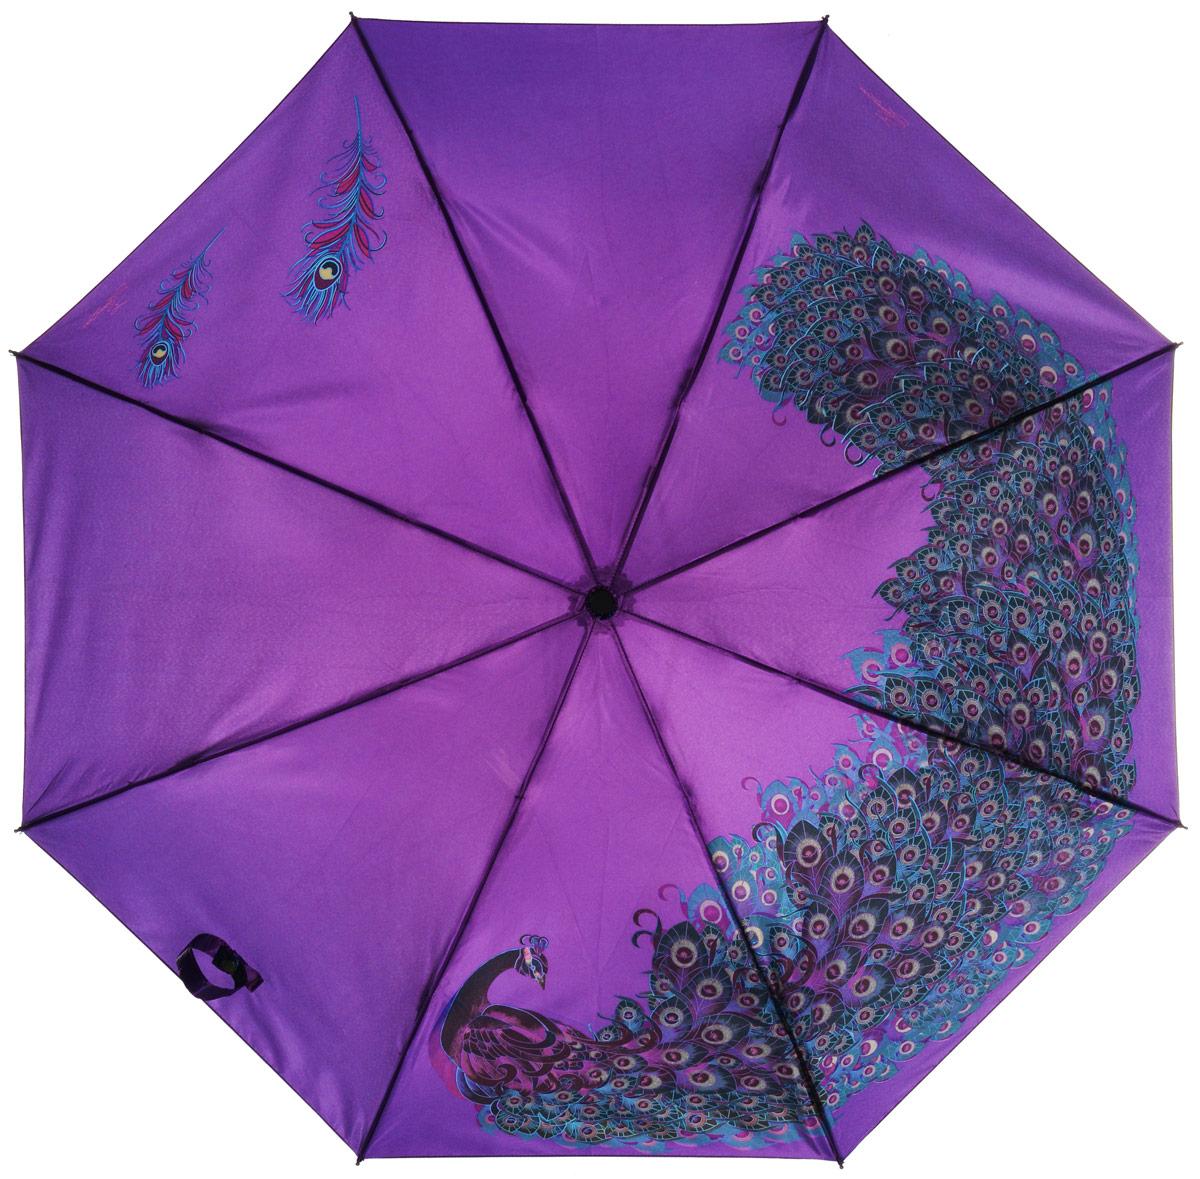 Зонт женский Eleganzza, автомат, 3 сложения, цвет: темно-фиолетовый. A3-05-0257LA3-05-0257LСтильный и элегантный зонт Eleganzza не оставит вас незамеченной. Зонт оформлен оригинальным принтом. Зонт состоит из восьми спиц и стержня, изготовленных из стали и фибергласса. Купол выполнен из качественного полиэстера и сатина, которые не пропускают воду. Зонт дополнен удобной ручкой из пластика. Зонт имеет автоматический механизм сложения: купол открывается и закрывается нажатием кнопки на ручке, стержень складывается вручную до характерного щелчка, благодаря чему открыть и закрыть зонт можно одной рукой. Ручка дополнена петлей, благодаря которой зонт можно носить на запястье . К зонту прилагается чехол. Удобный и практичный аксессуар даже в ненастную погоду позволит вам оставаться женственной и привлекательной.